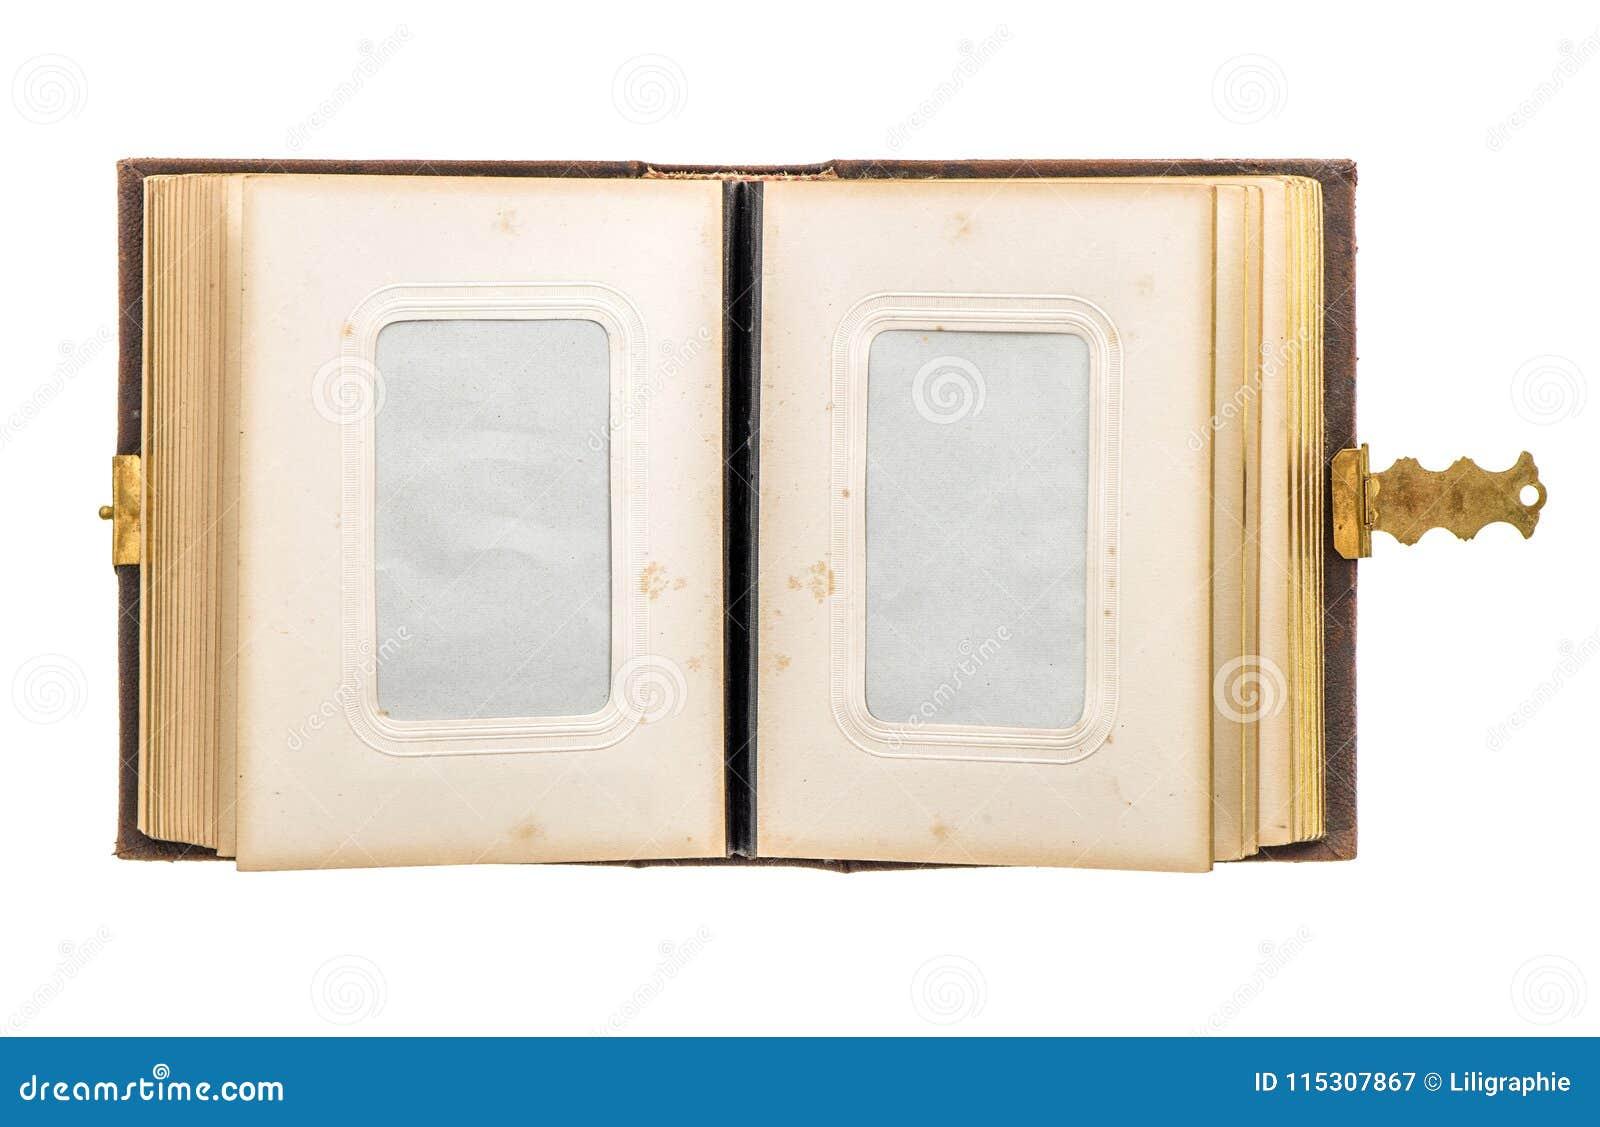 Open vintage photo album aged paper pages